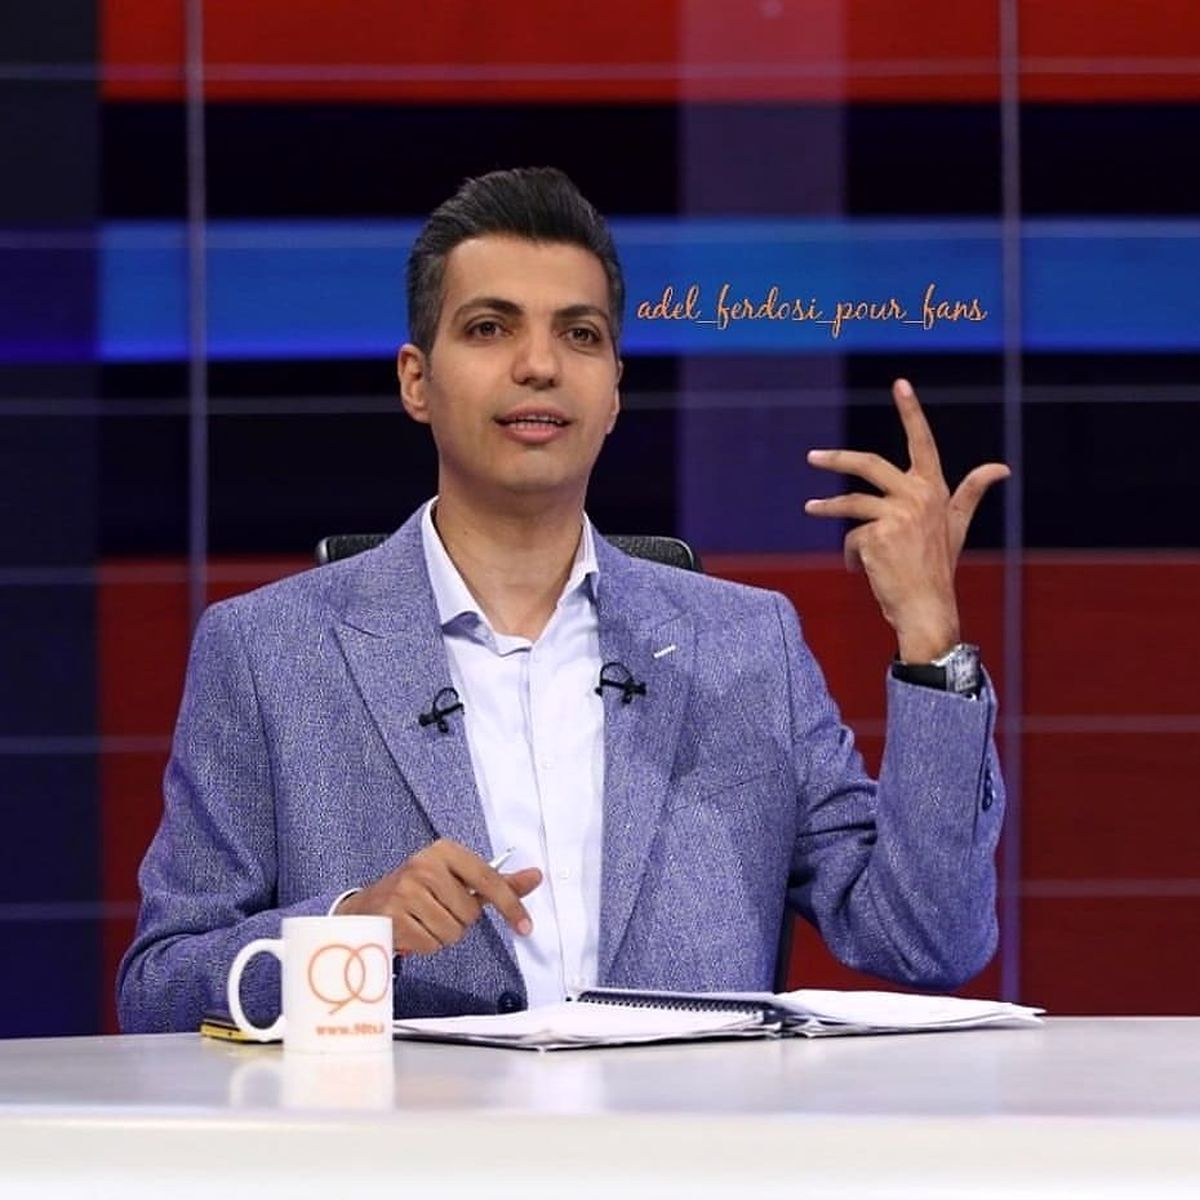 عادل فردوسی پور وزیر می شود !